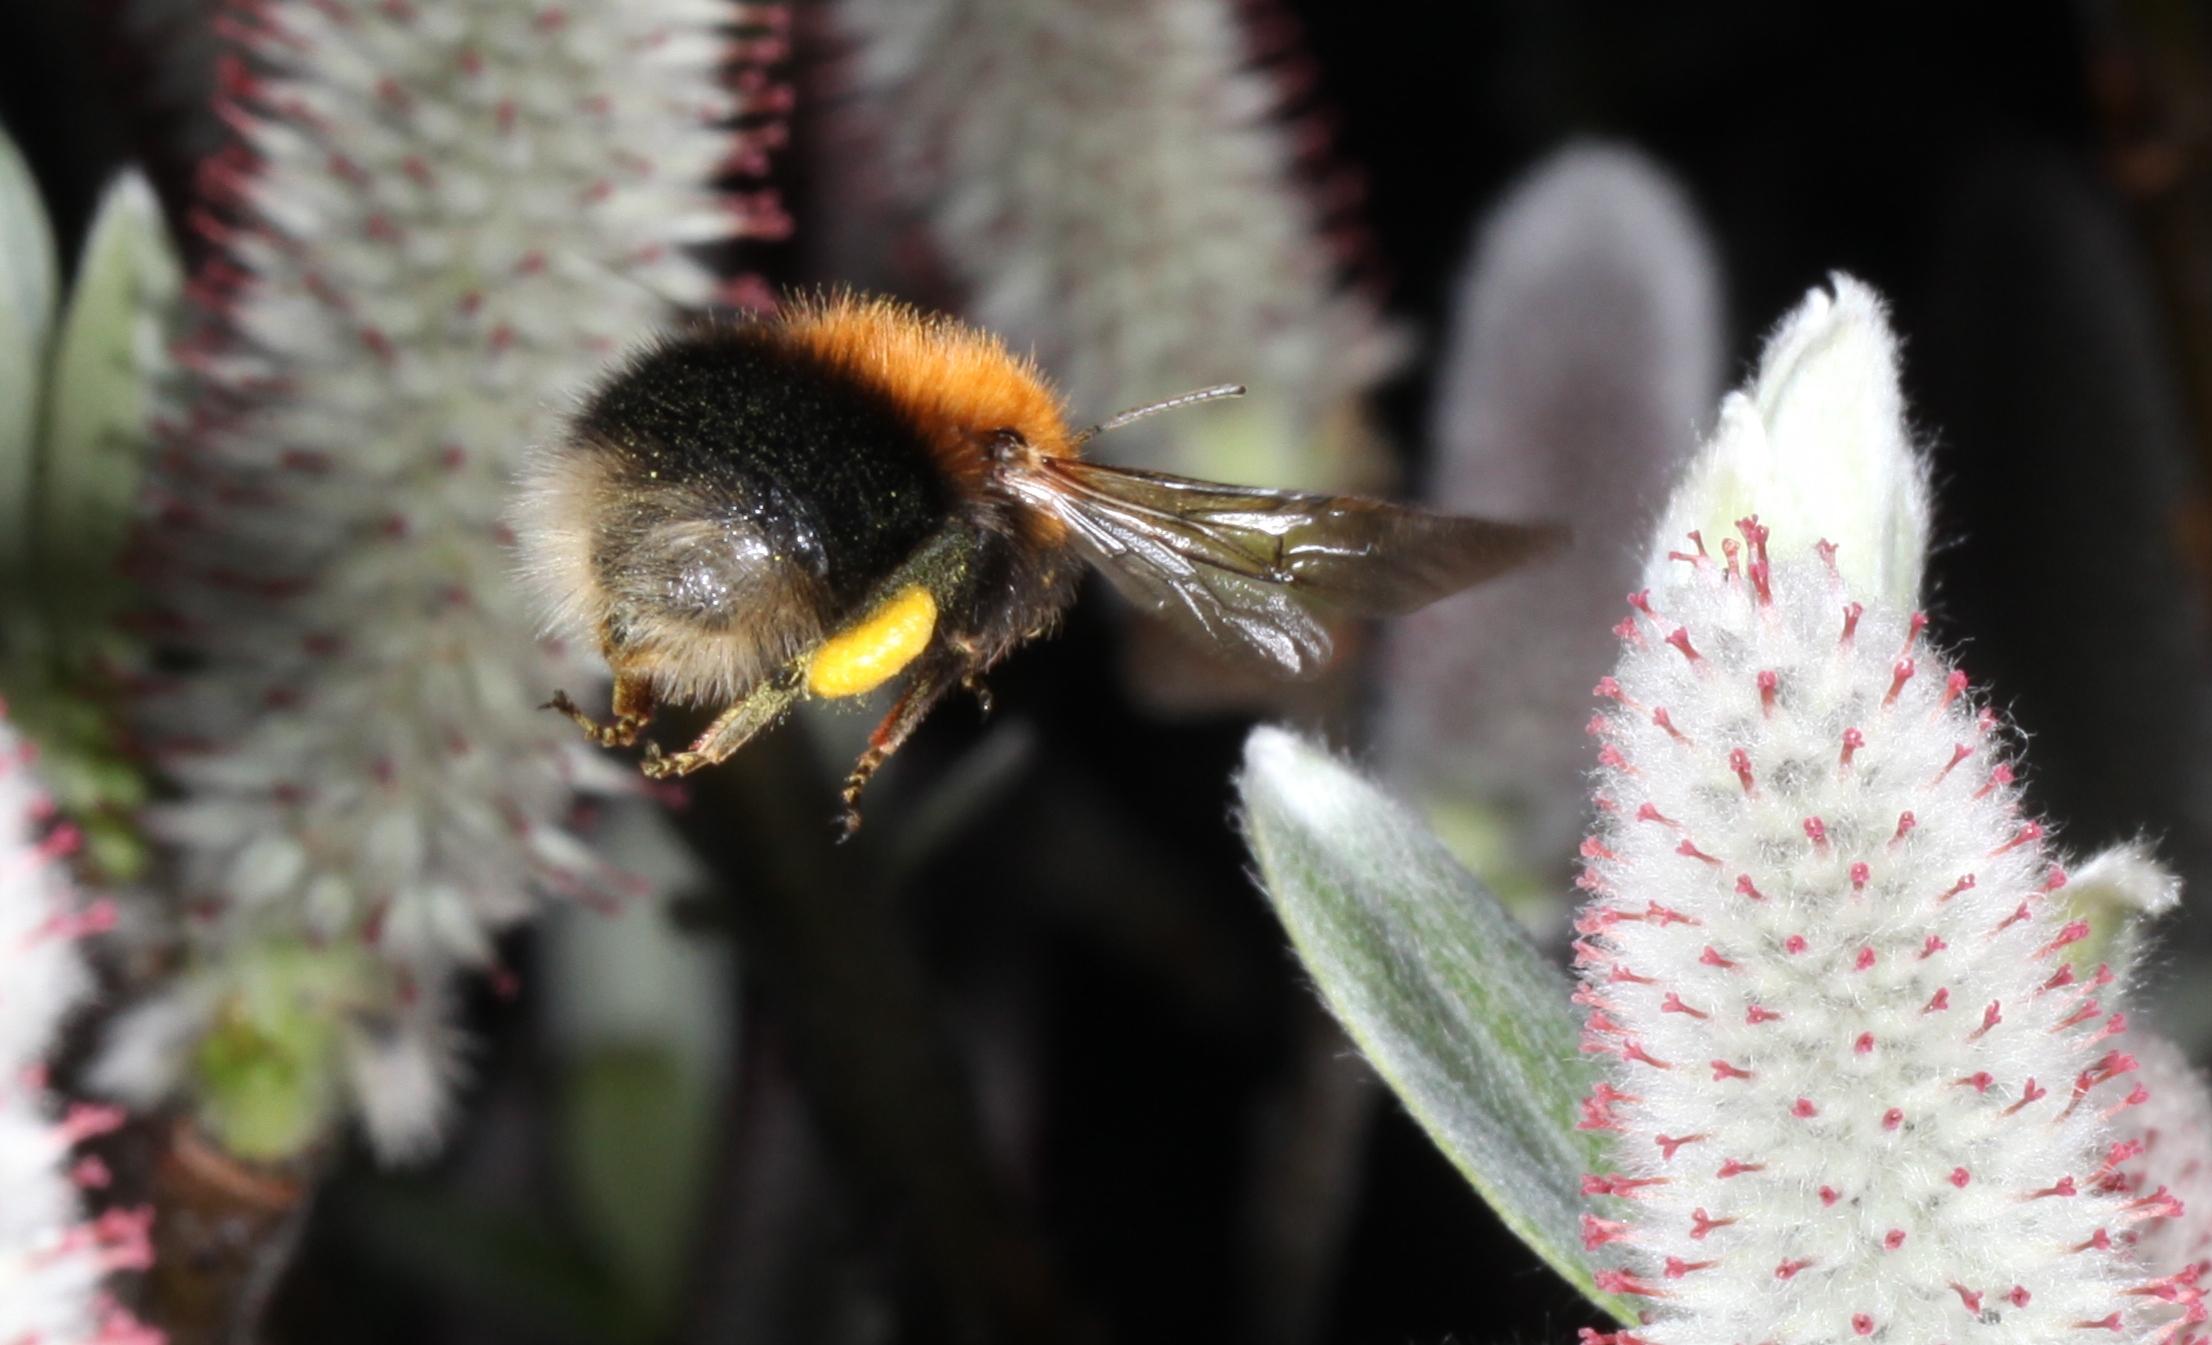 Gule klumper av Salix-pollen på bakleggene viser at humlene i Ringve botaniske hage allerede har funnet seg et sted å bo. Da er det like før eggene blir lagt. Foto: Tor Bollingmo.